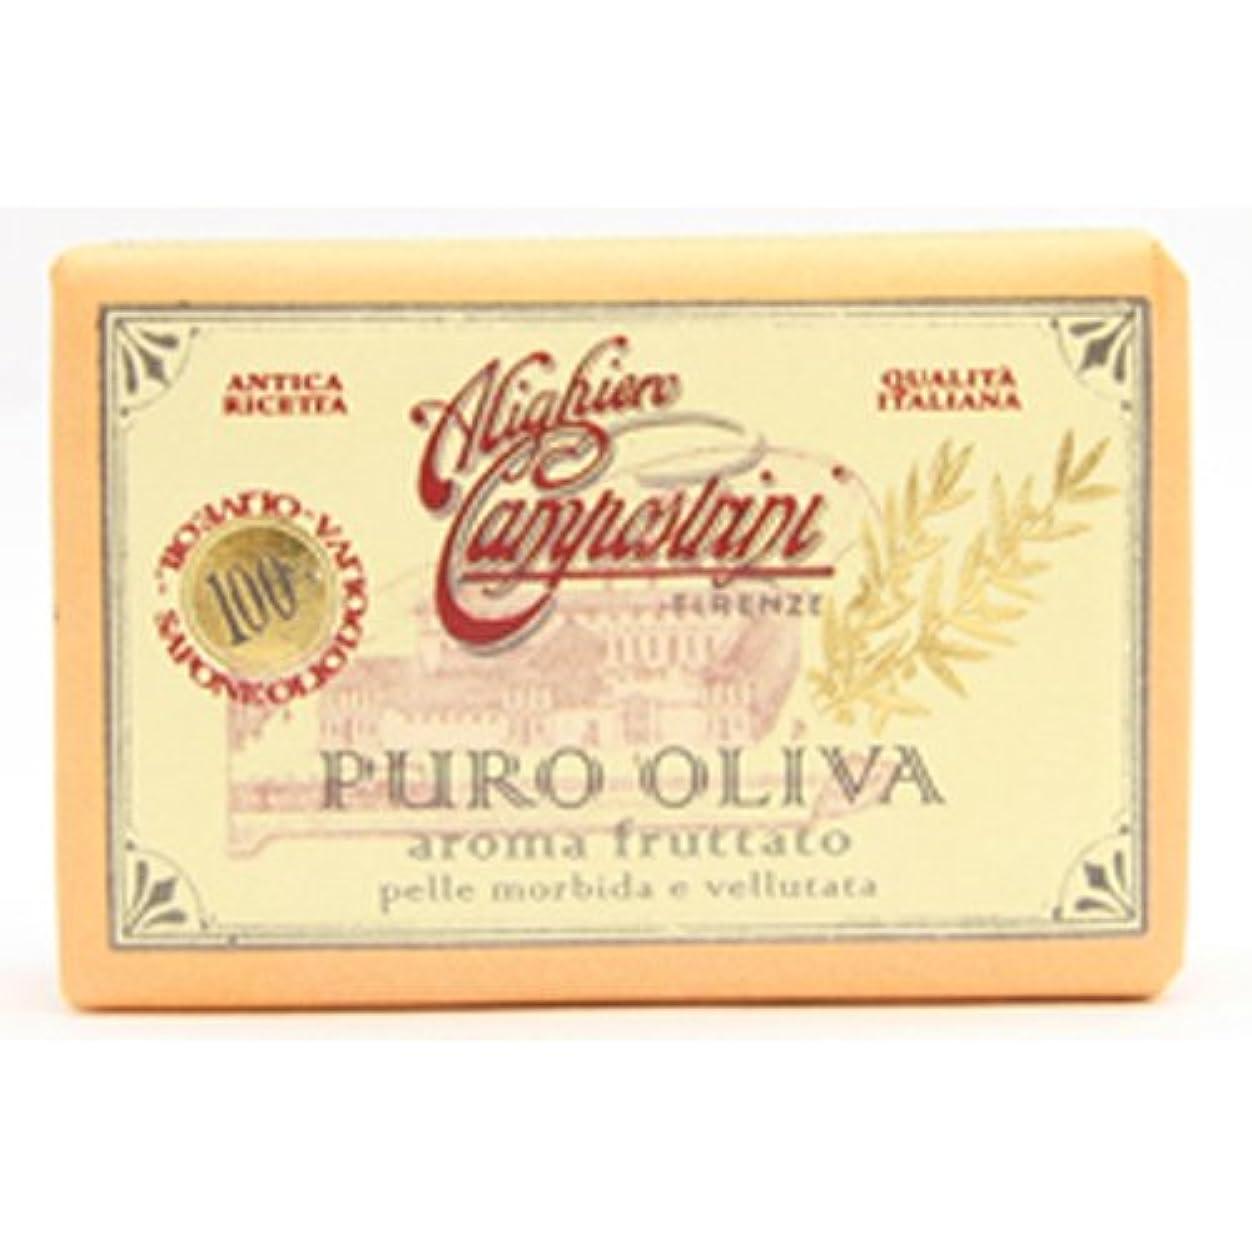 Saponerire Fissi サポネリーフィッシー PURO OLIVA Soap オリーブオイル ピュロ ソープ Aroma fruttato フルーツ(オレンジ)